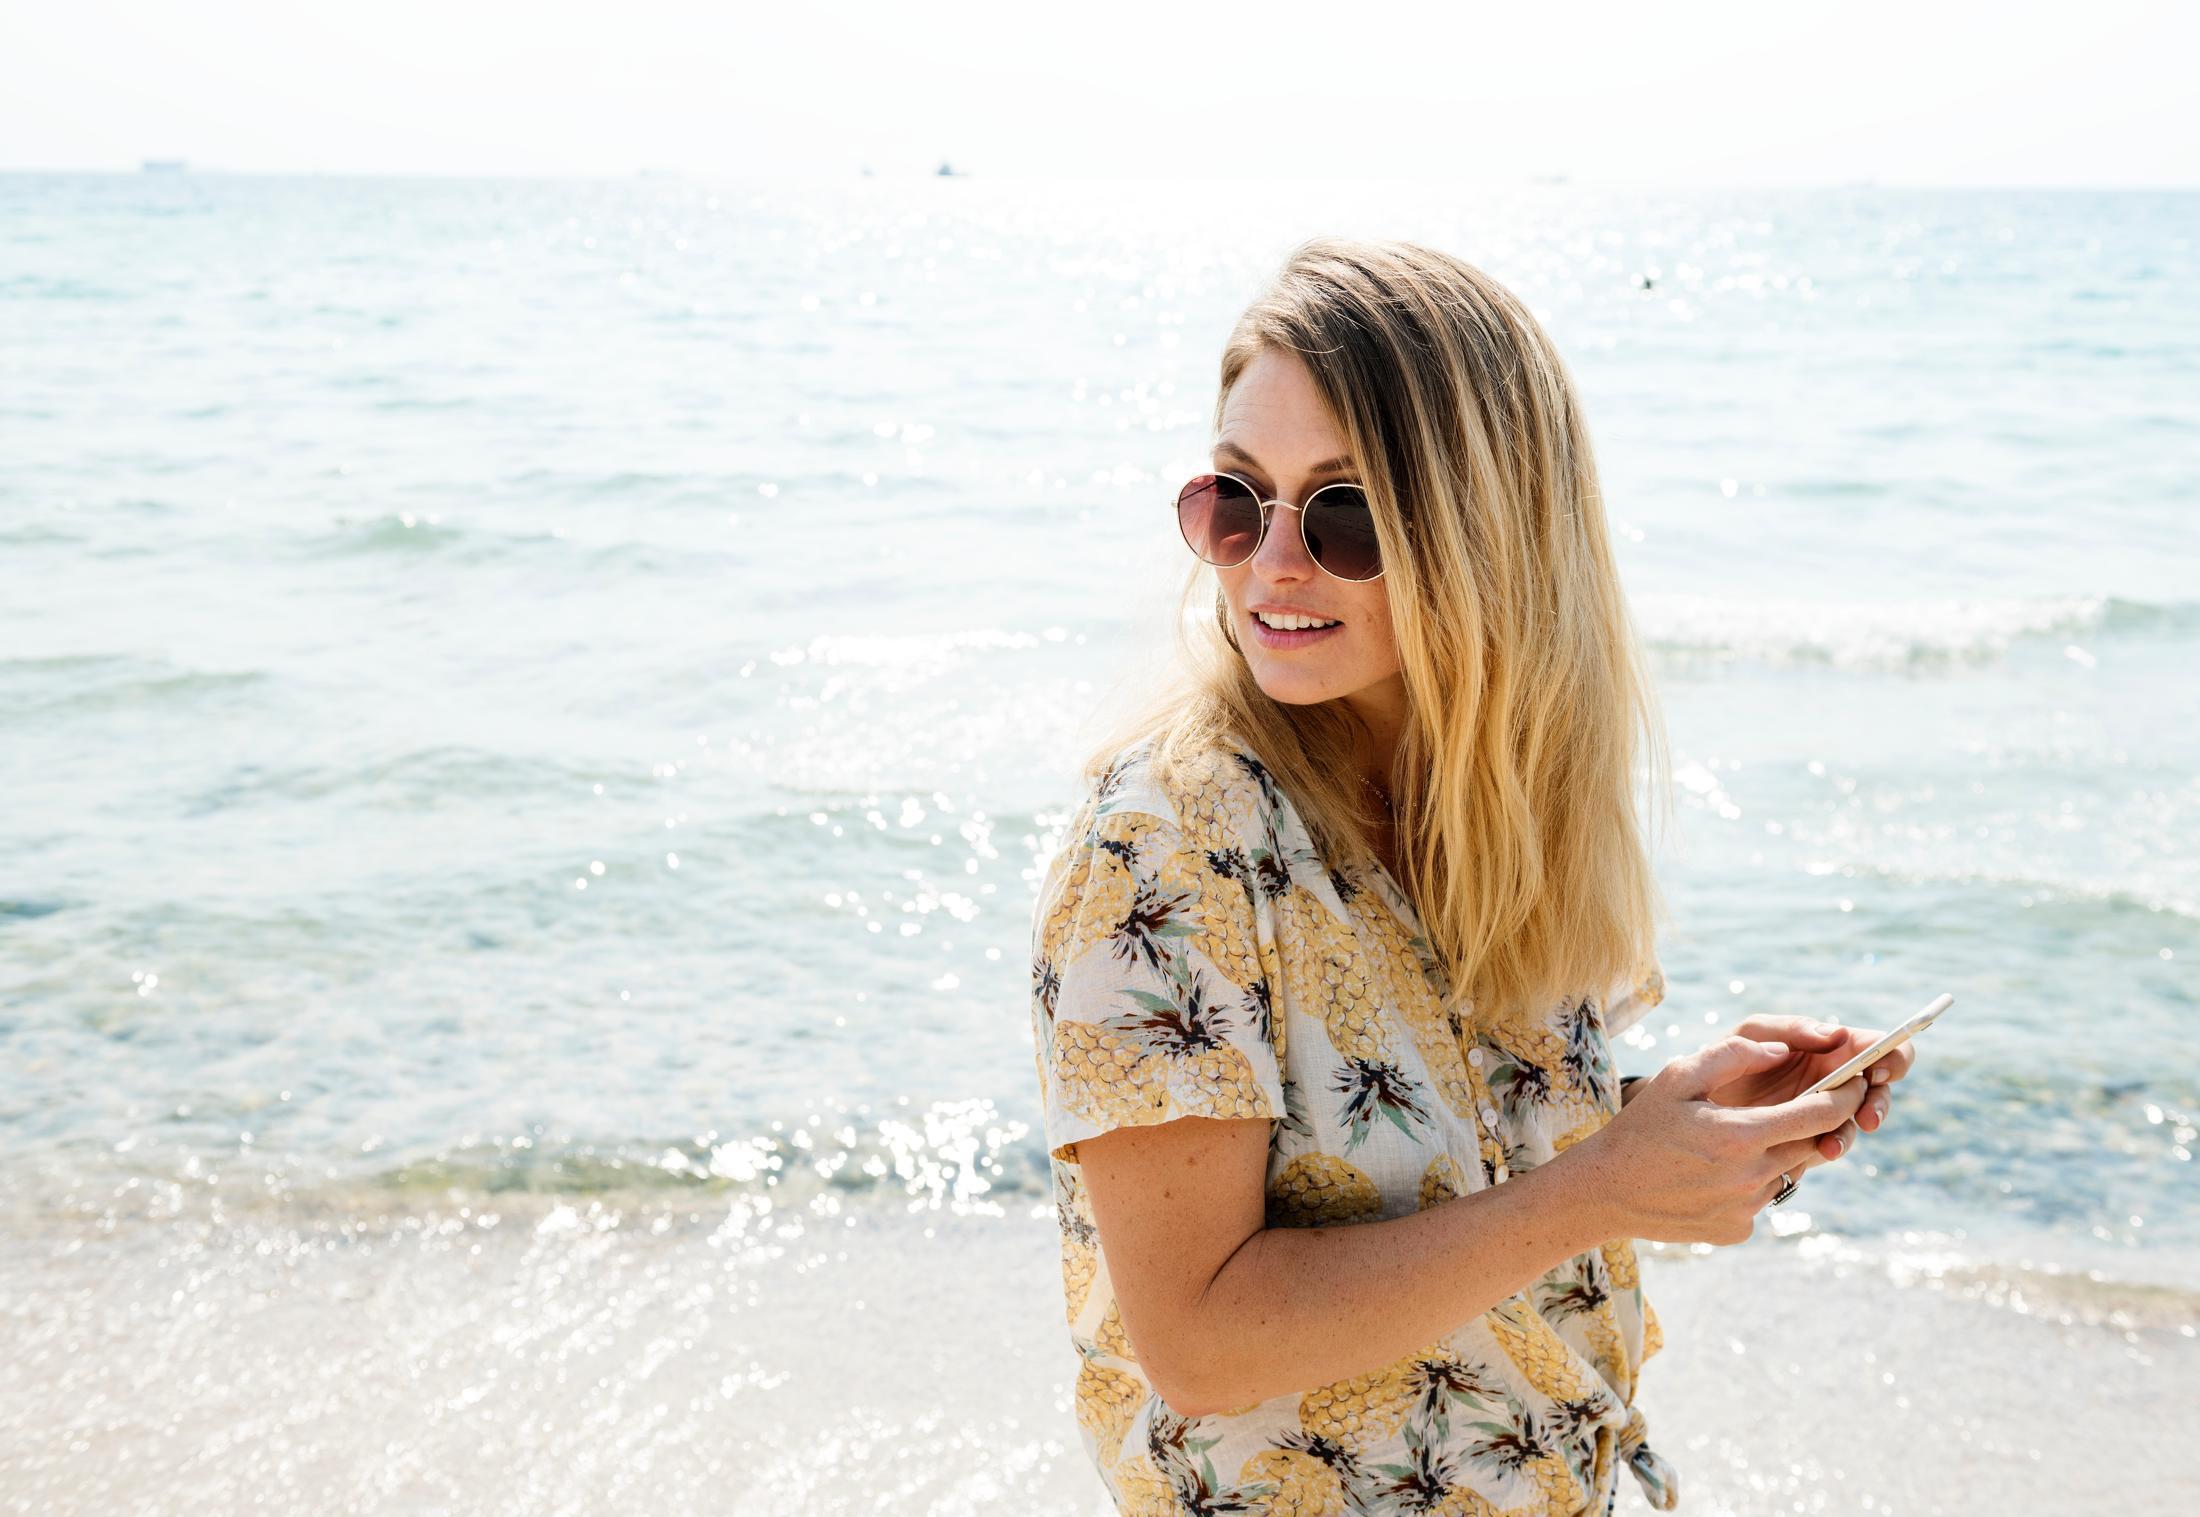 Mit dem iPhone in den Urlaub – diese Apps helfen